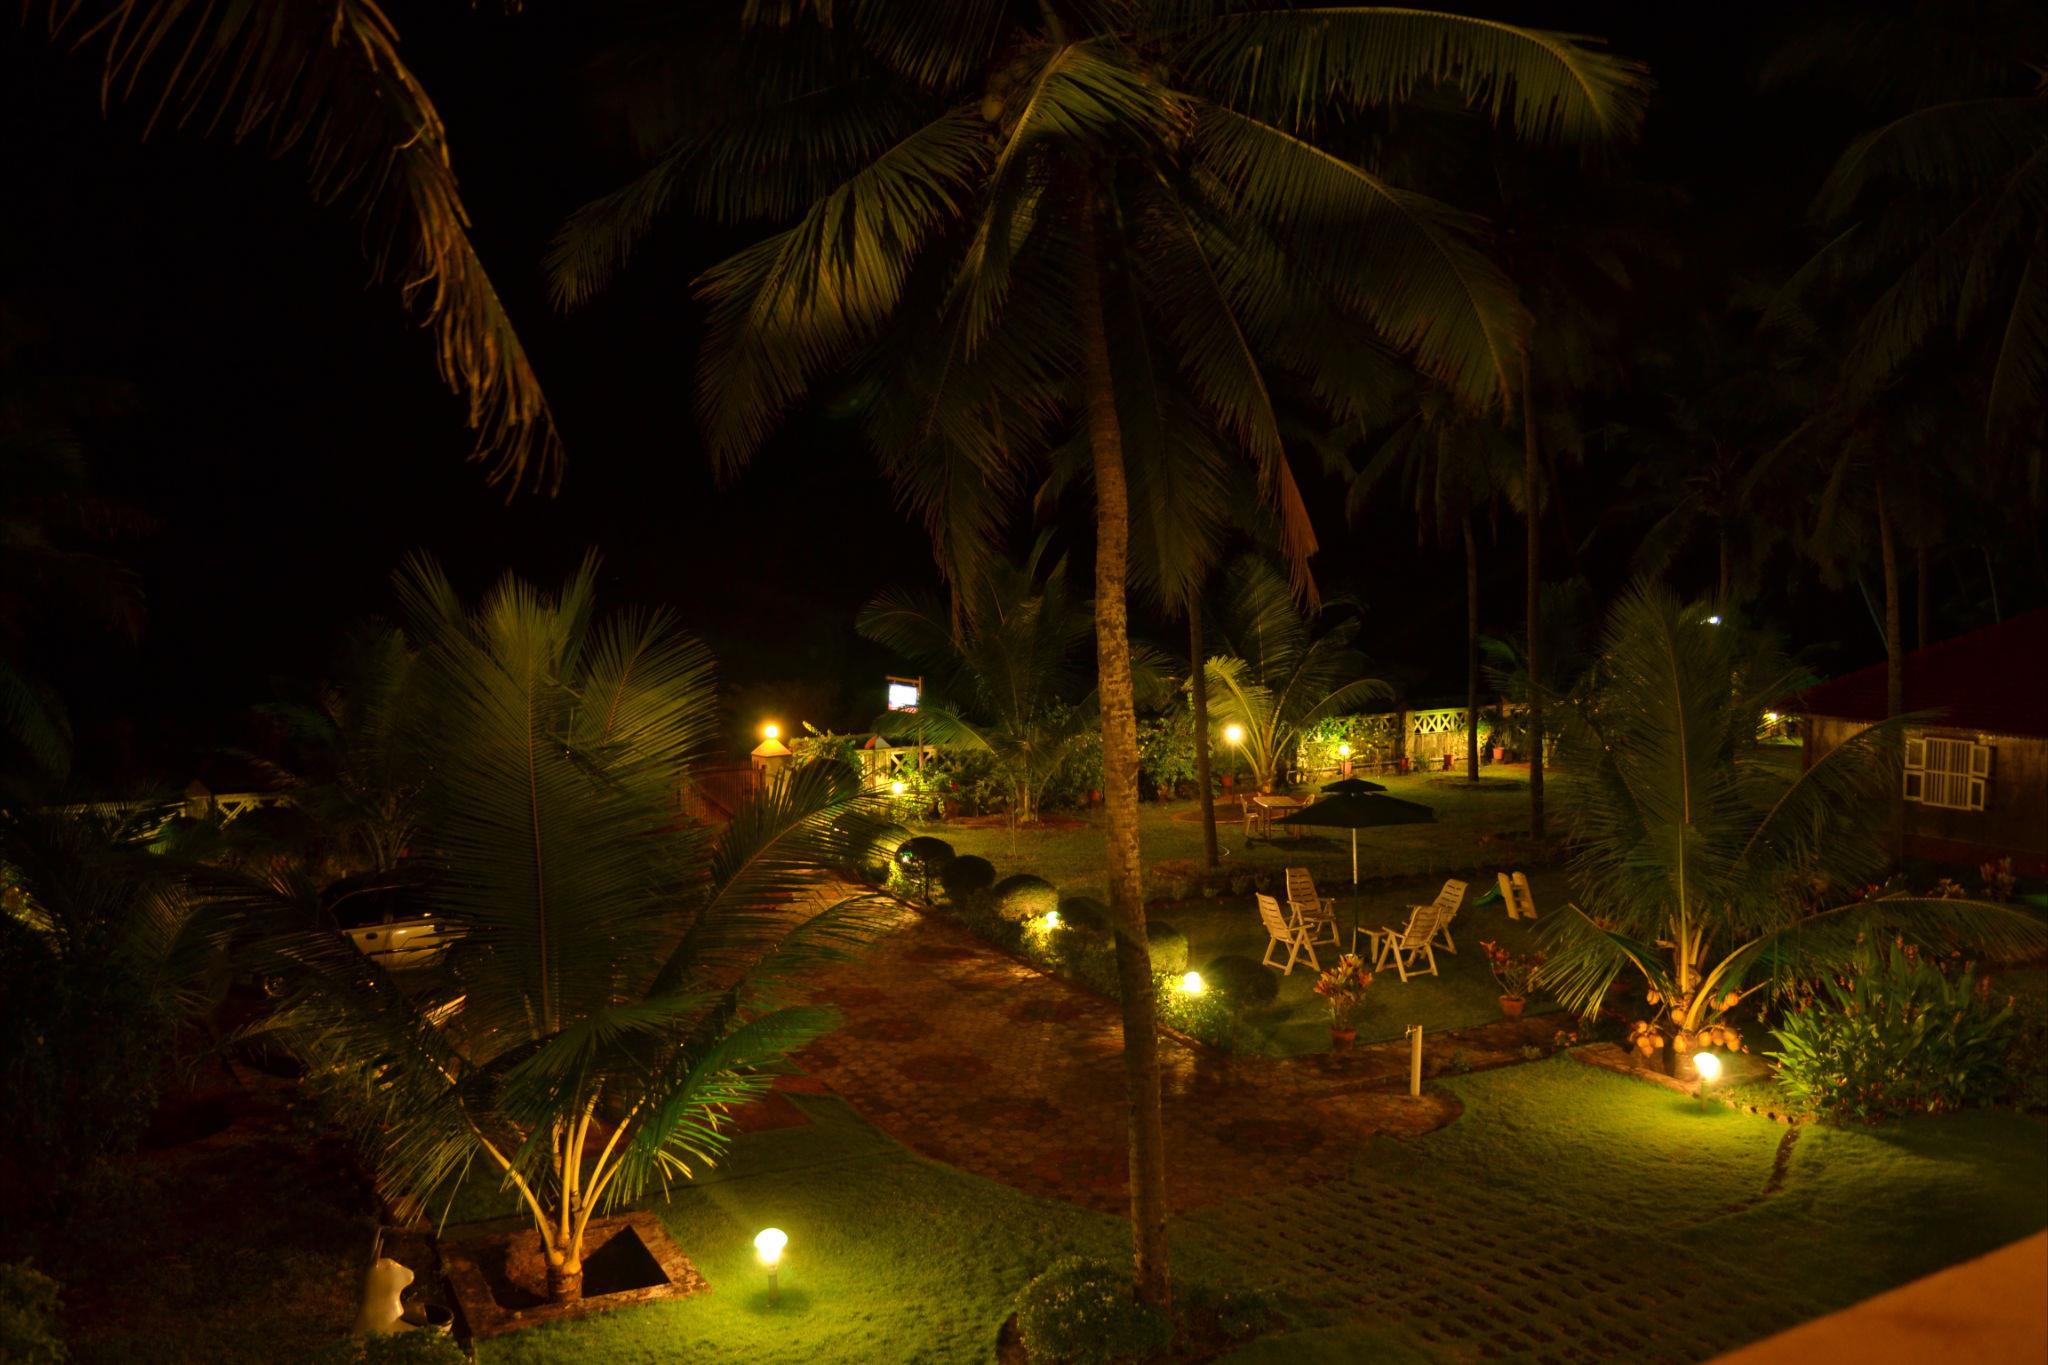 asokam-beach-resort-kannur-kerala-india-7